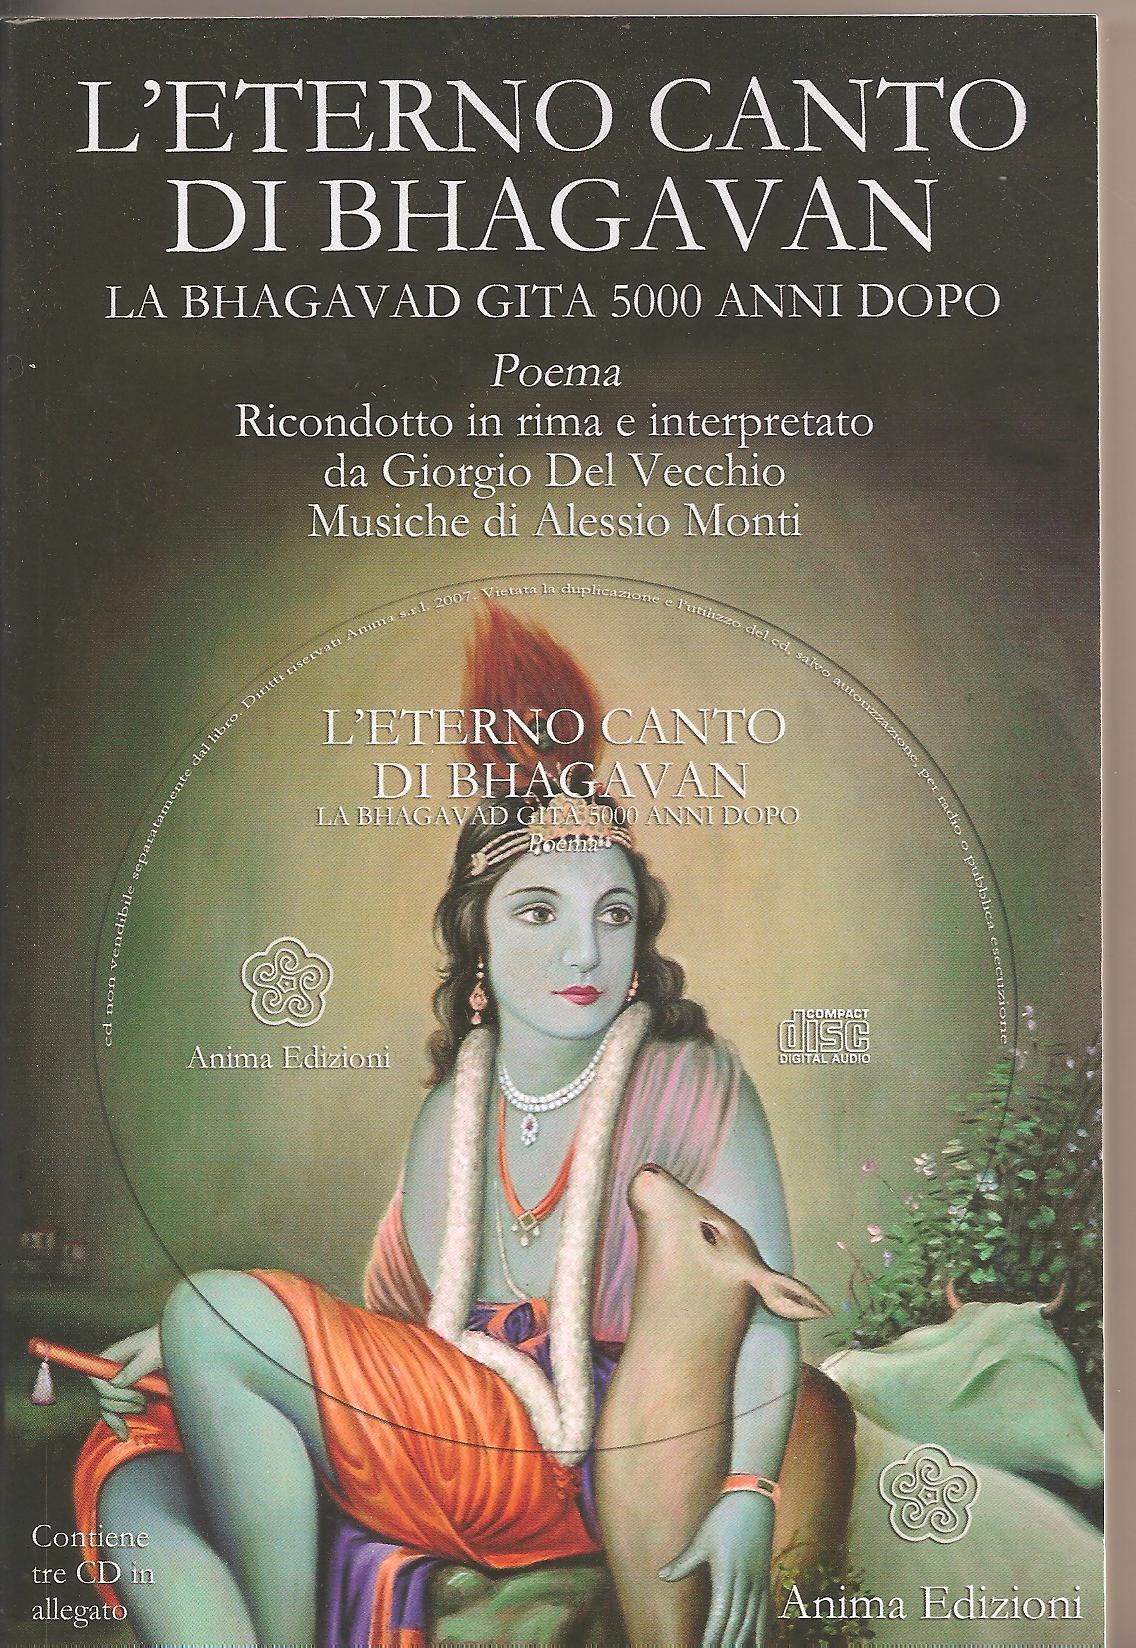 L'eterno canto di Bhagavan - Giorgio Del Vecchio (spiritualità)